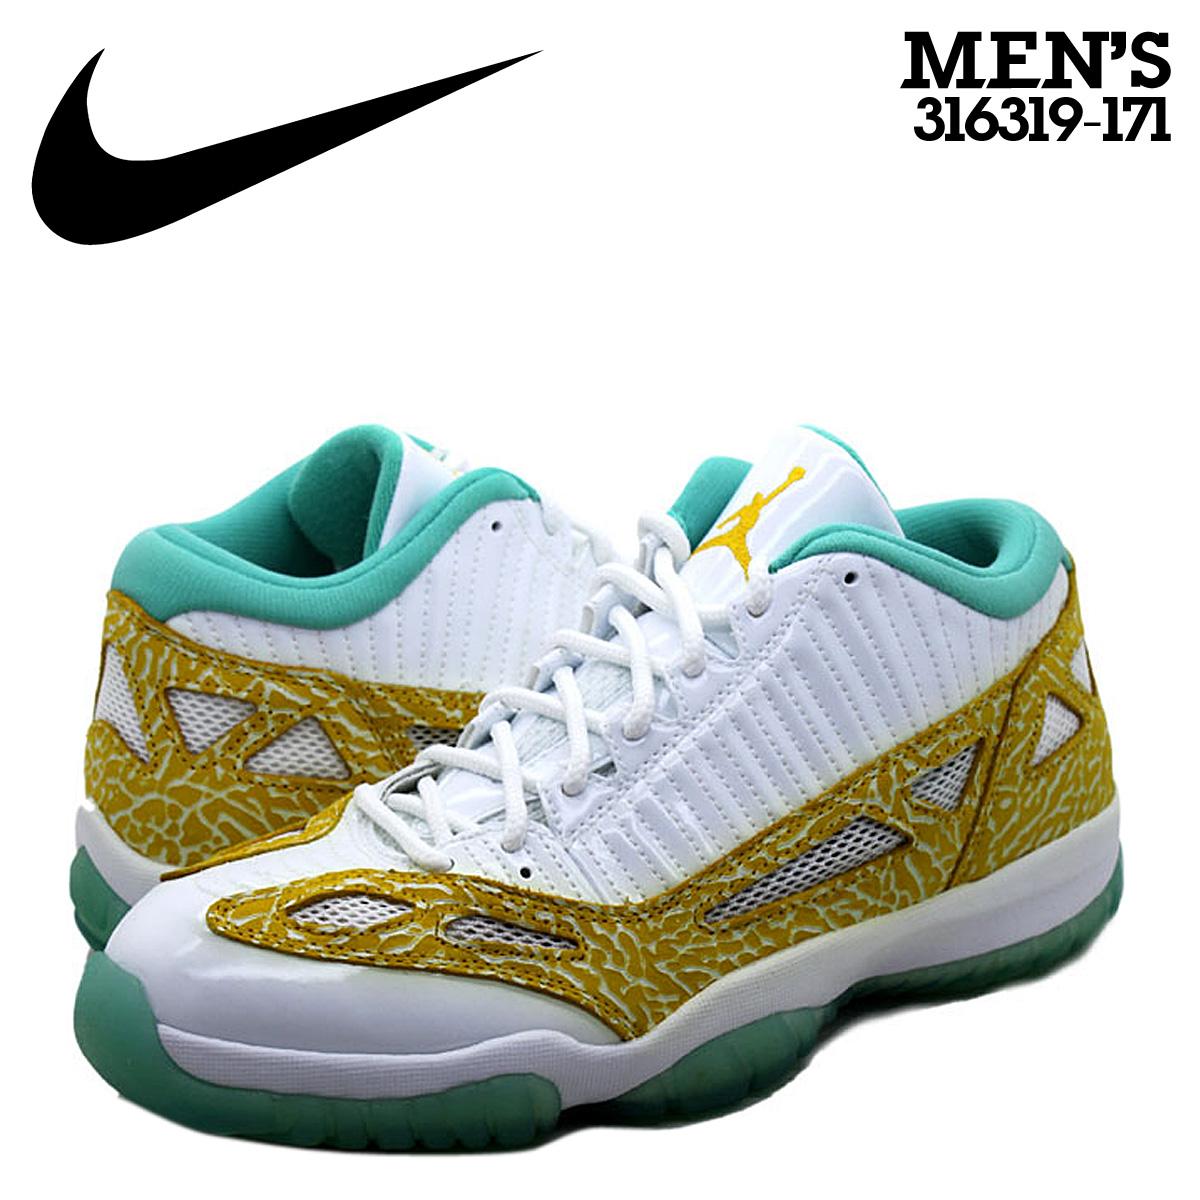 finest selection 95b58 0c899 NIKE Nike Air Jordan sneakers AIR JORDAN 11 RETRO LOW LSWHITE VARSITY MAIZE  AZURE Air Jordan 11 nostalgic low 316,319-171 white white gold men